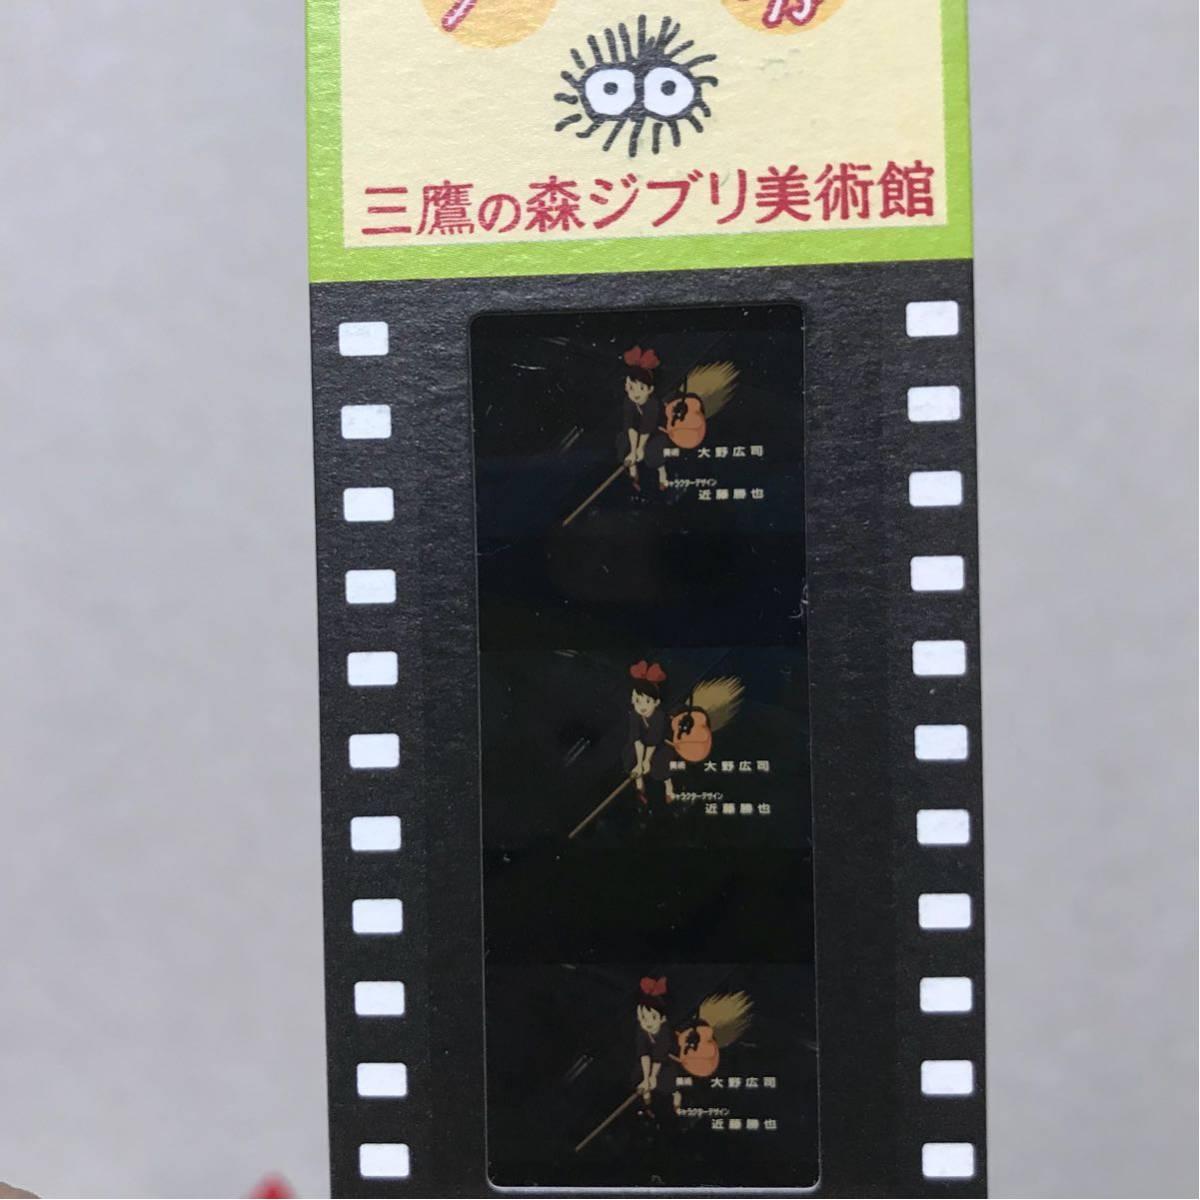 三鷹の森 ジブリ美術館 フィルム 入場券●魔女の宅急便 エンドロール_画像3